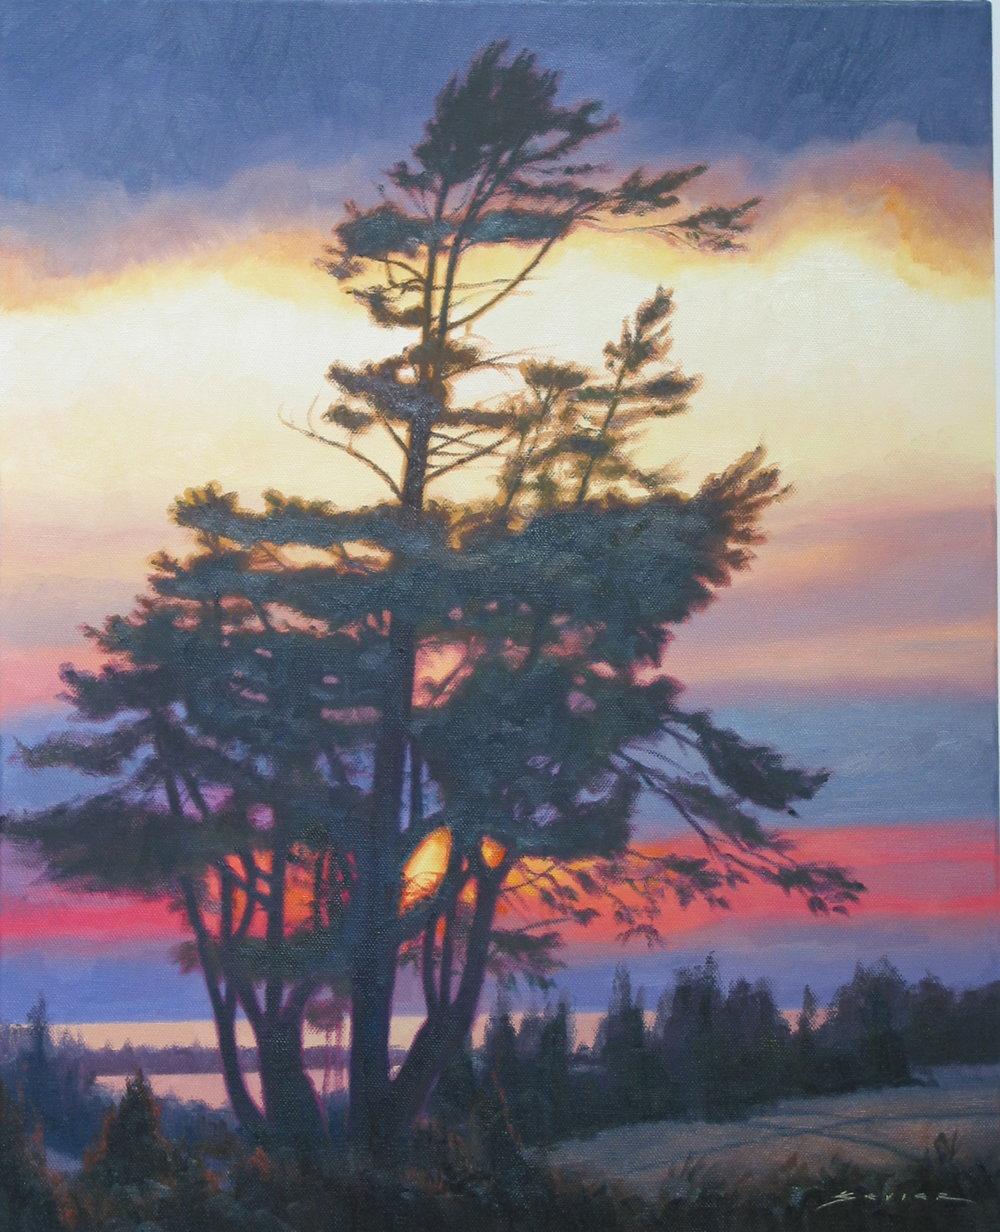 Sunset, 20 x 16, oil